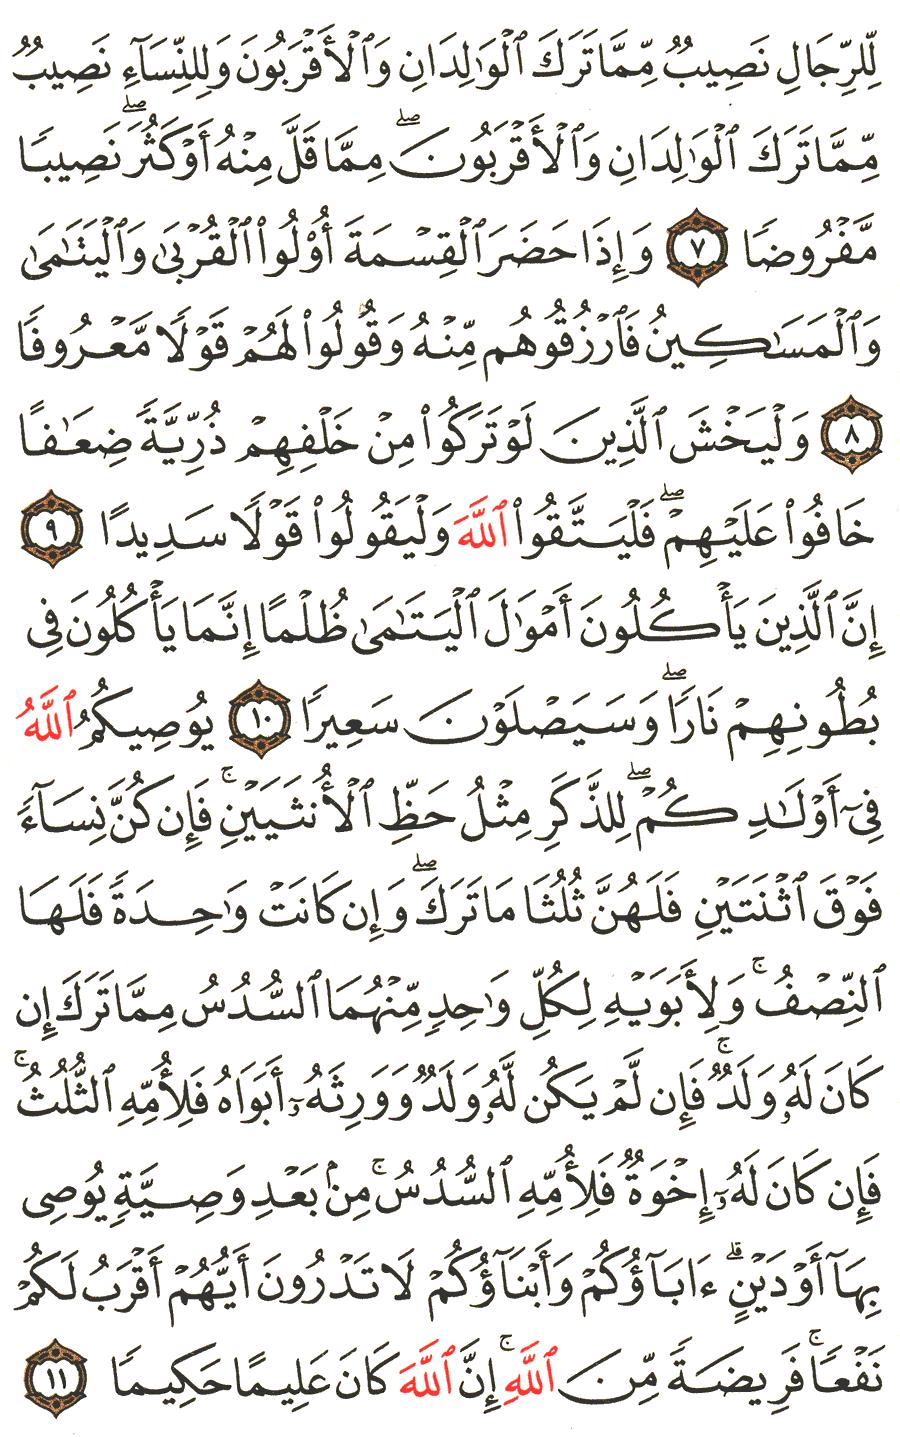 ١٥ الأحقاف Arabic Calligraphy Quran Verses